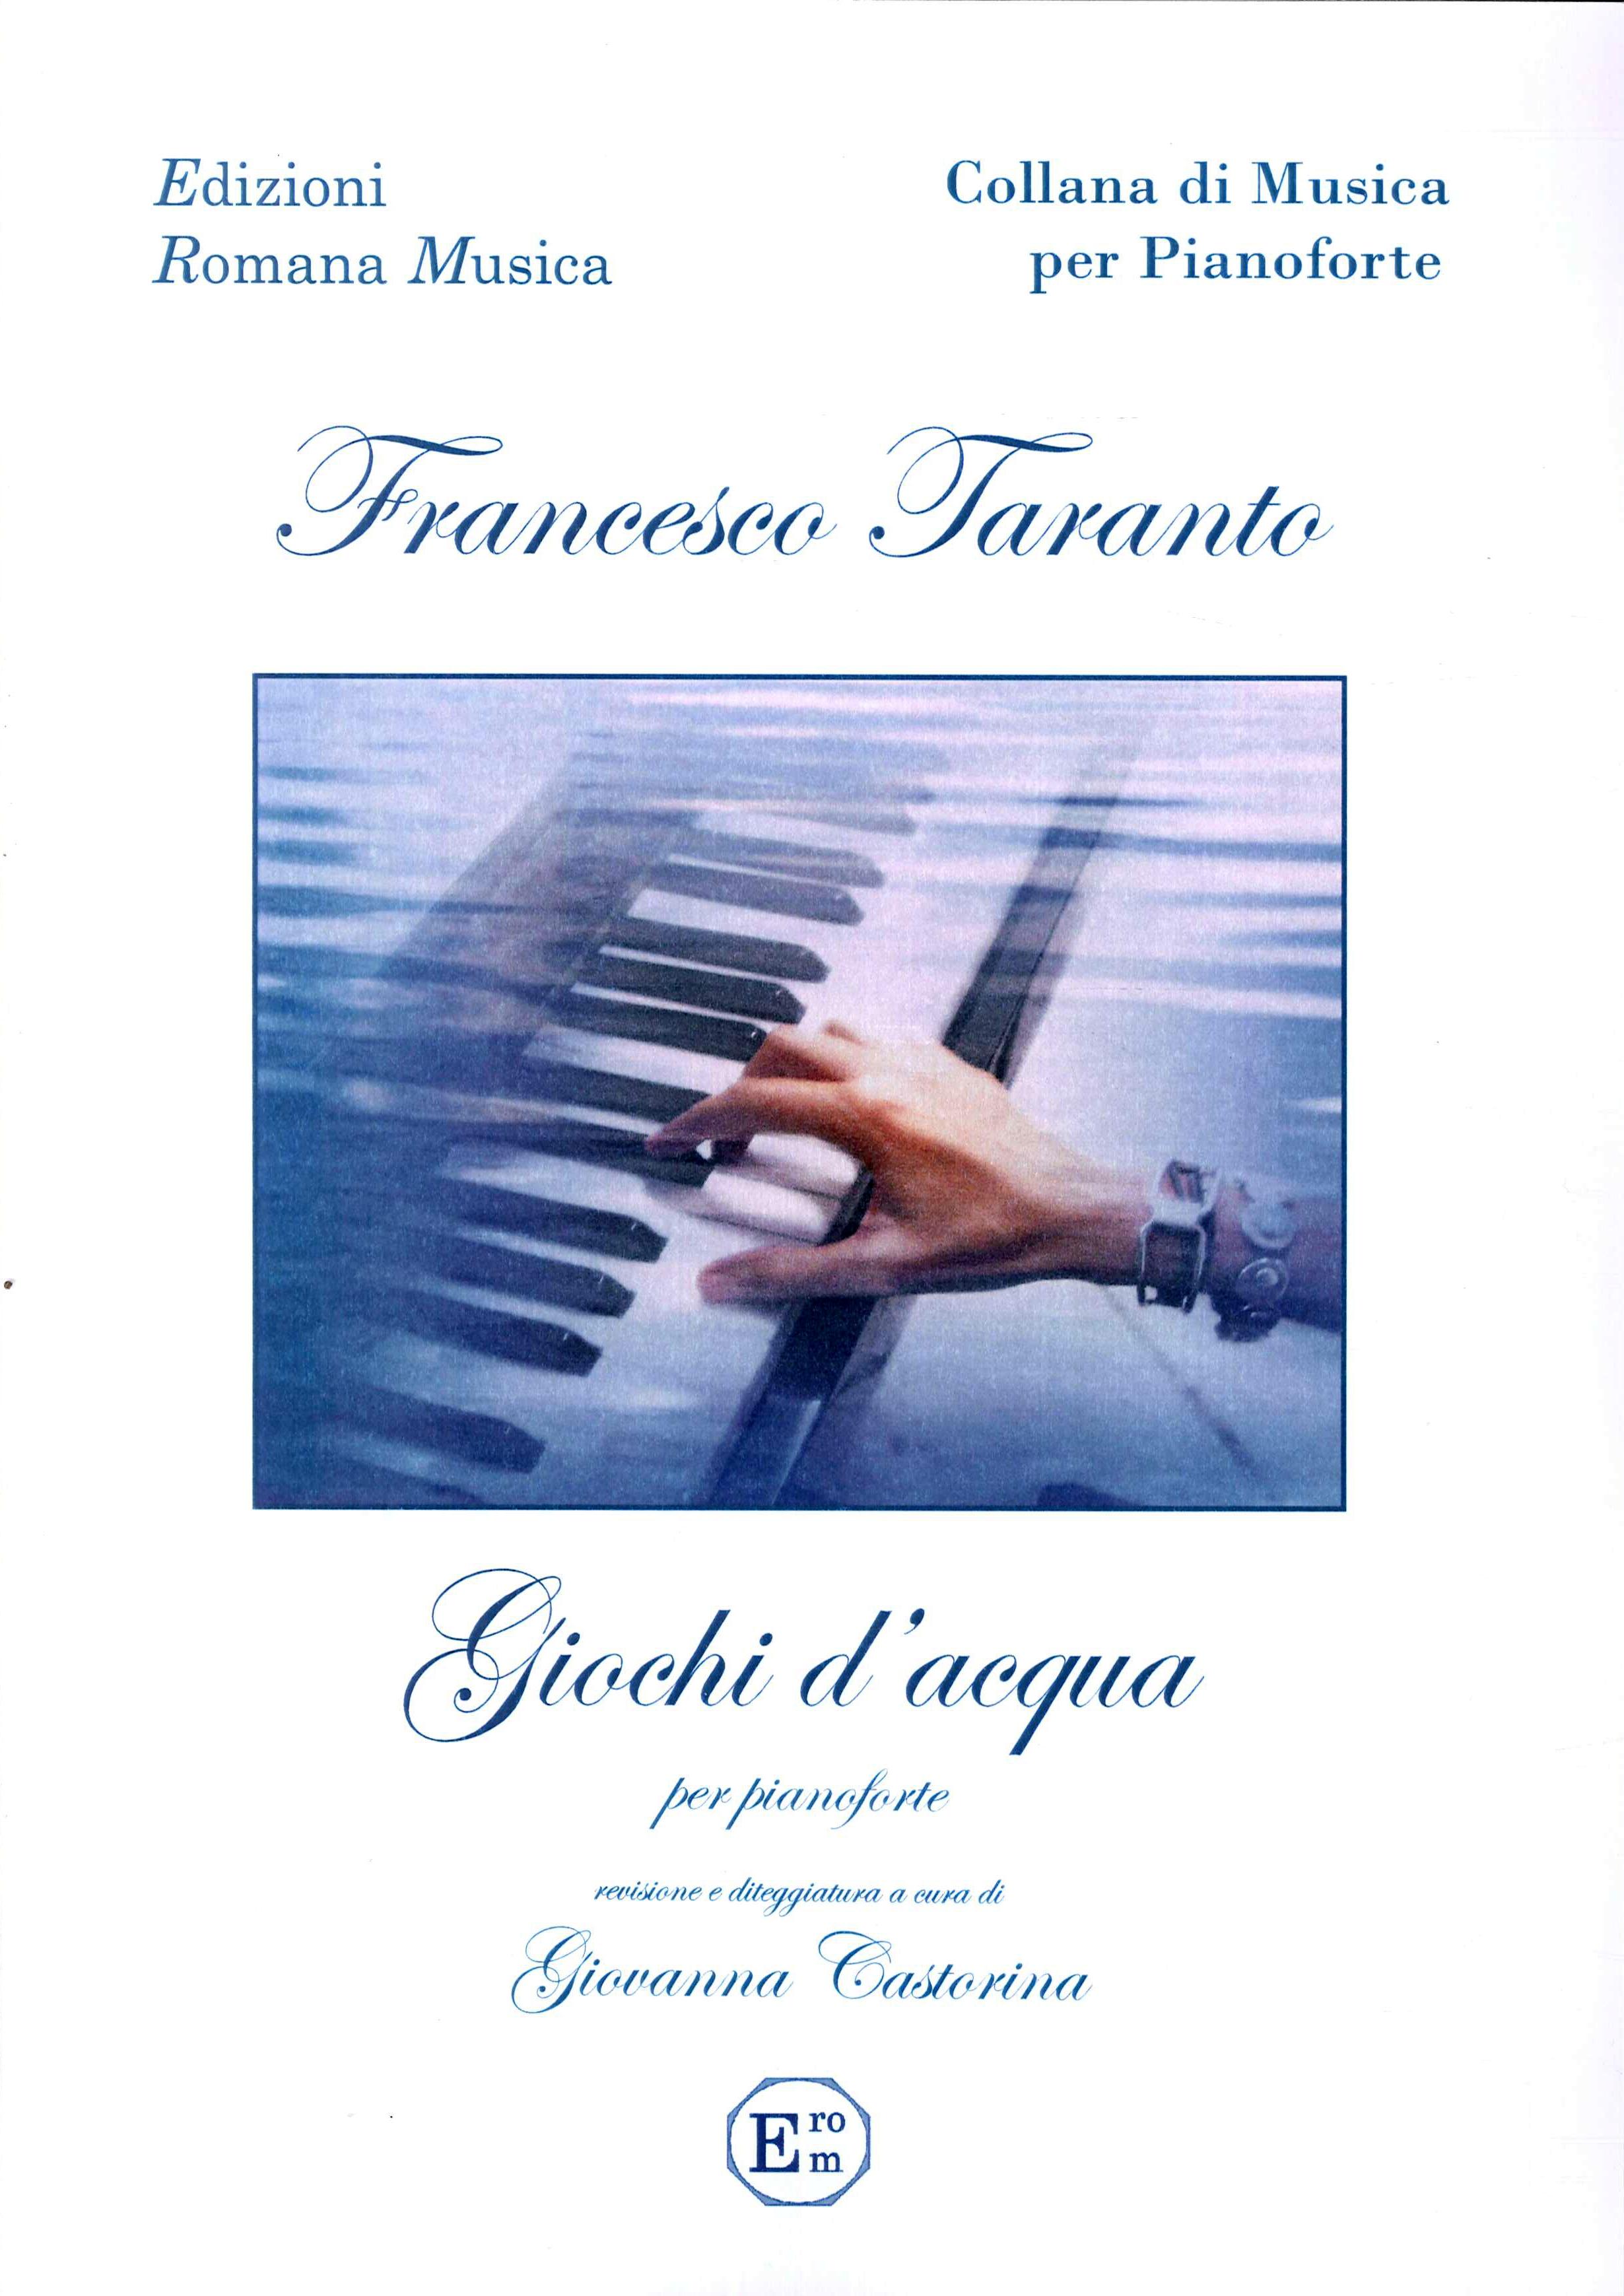 Francesco Taranto. Giochi d'Acqua. musica per pianoforte. Erom 0019.